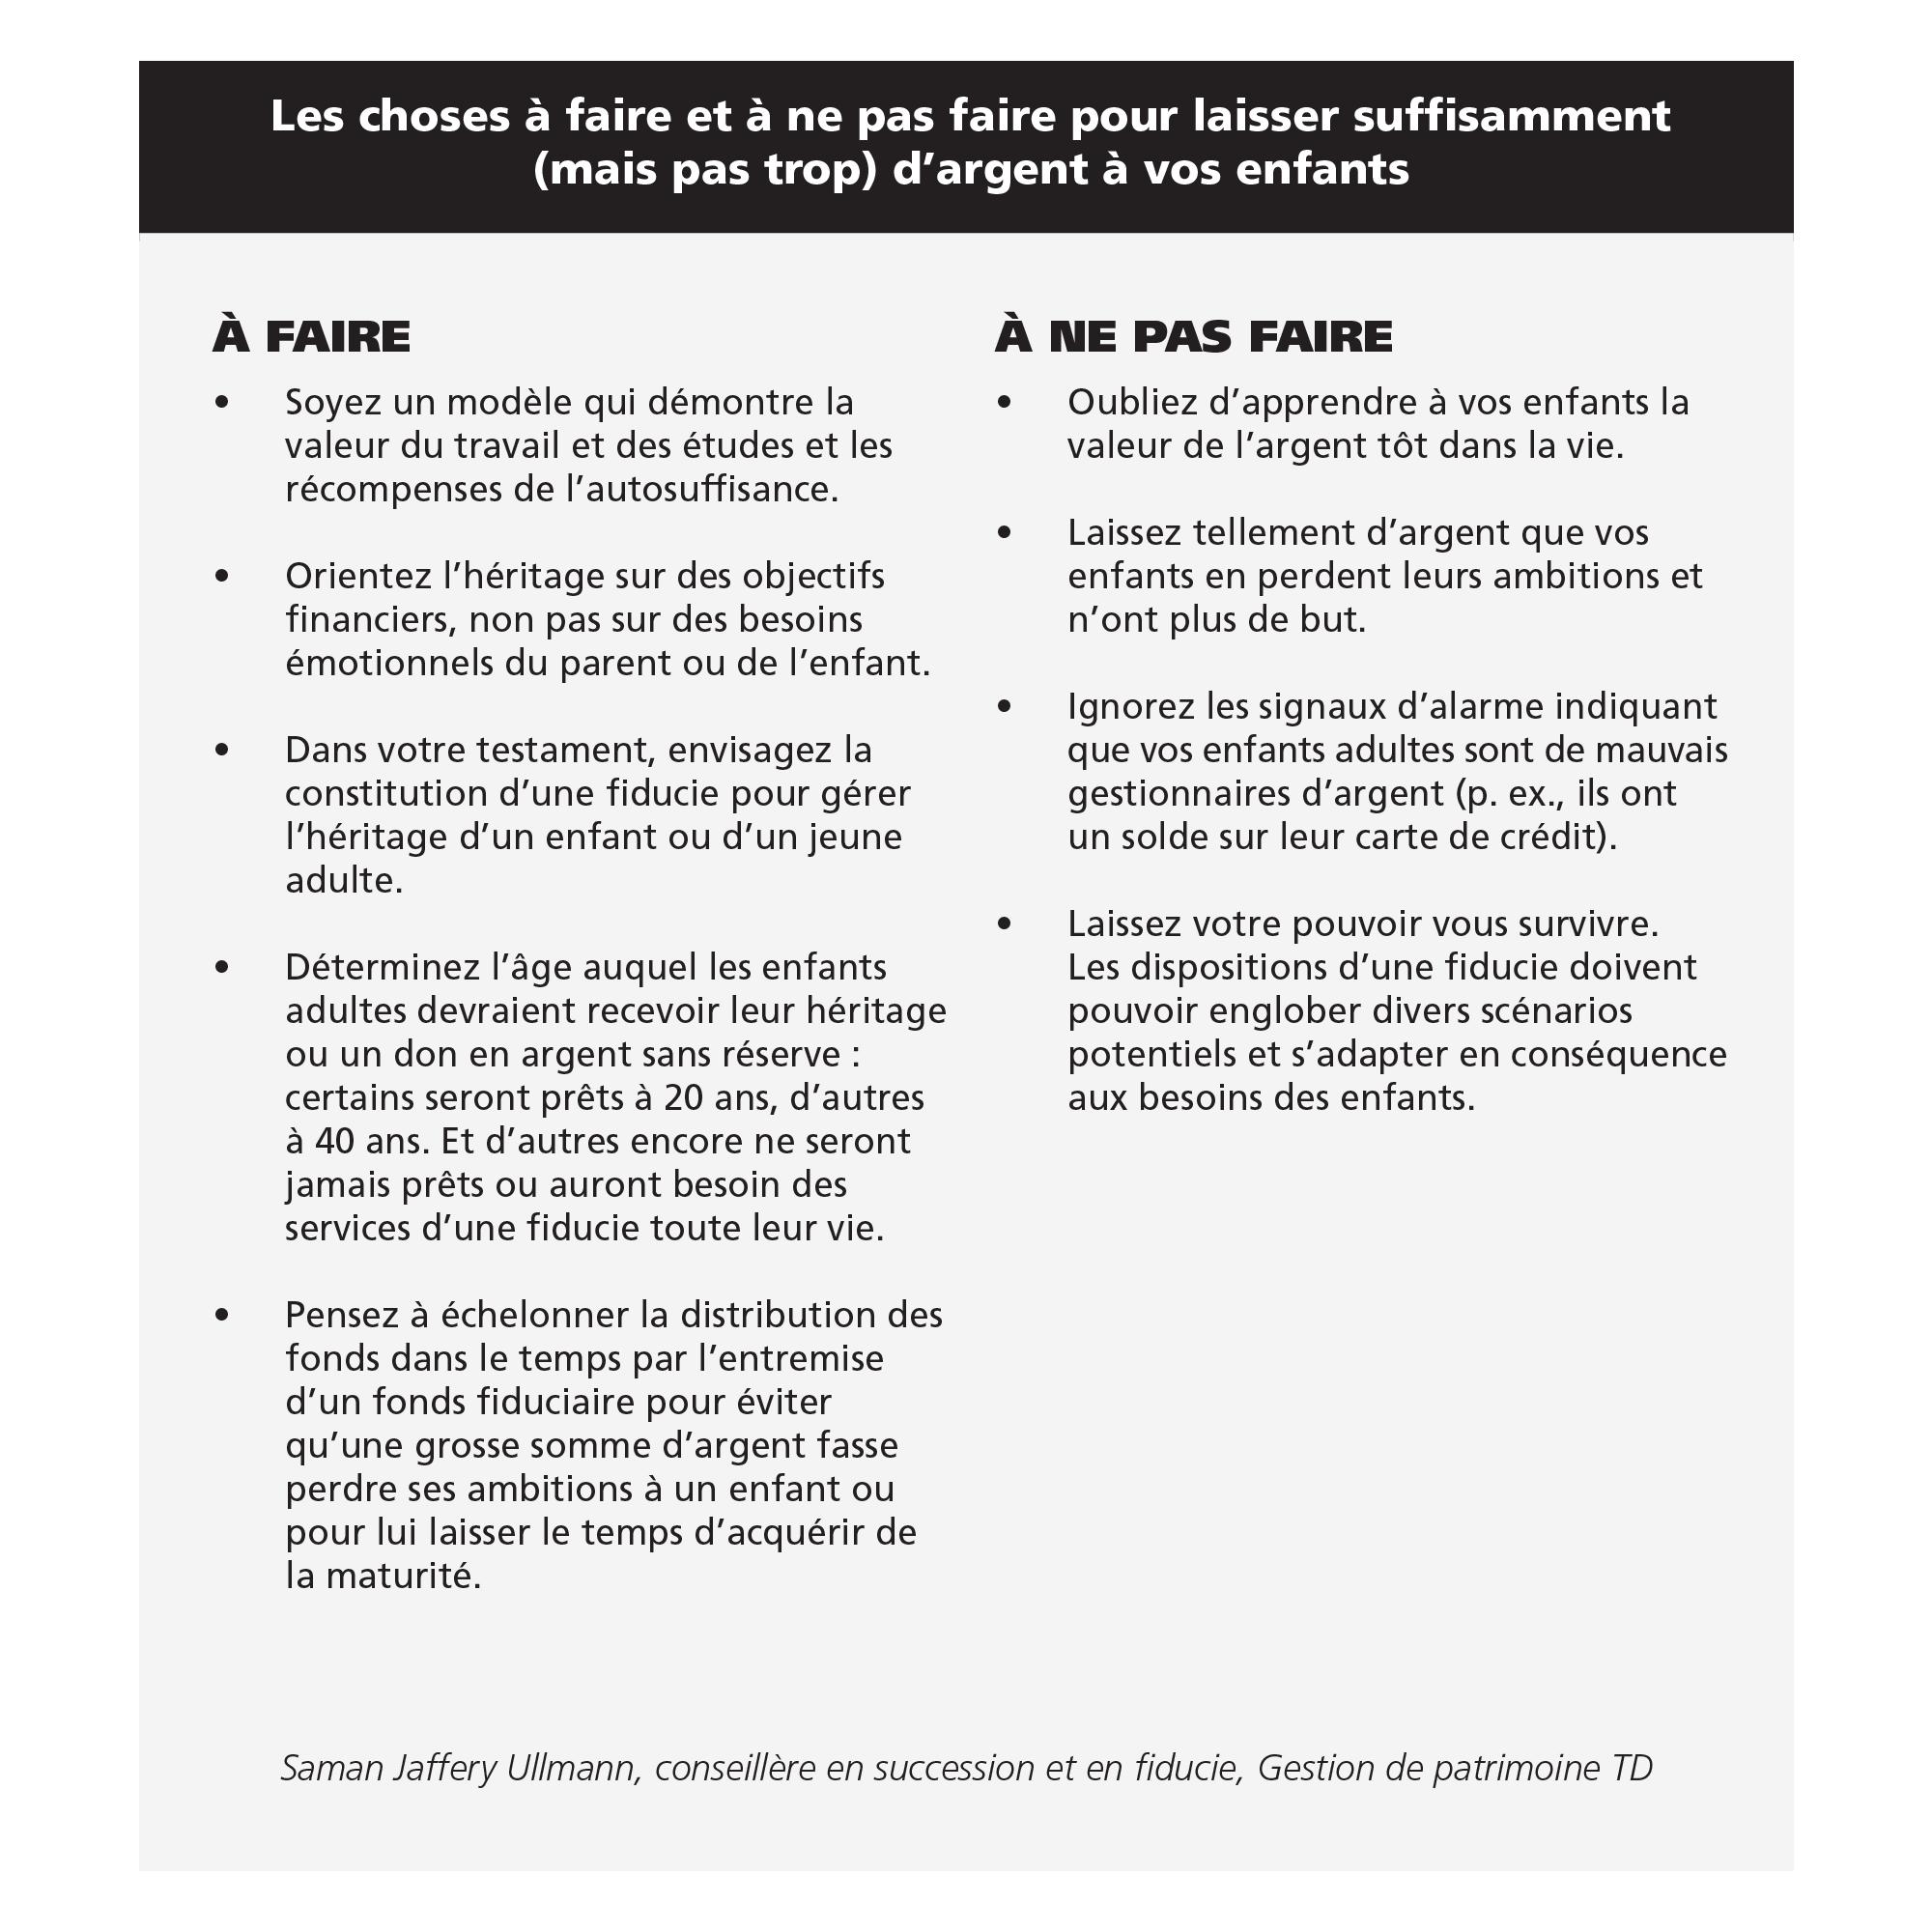 Planification de la succession et du patrimoine : comment ne pas gâter vos enfants